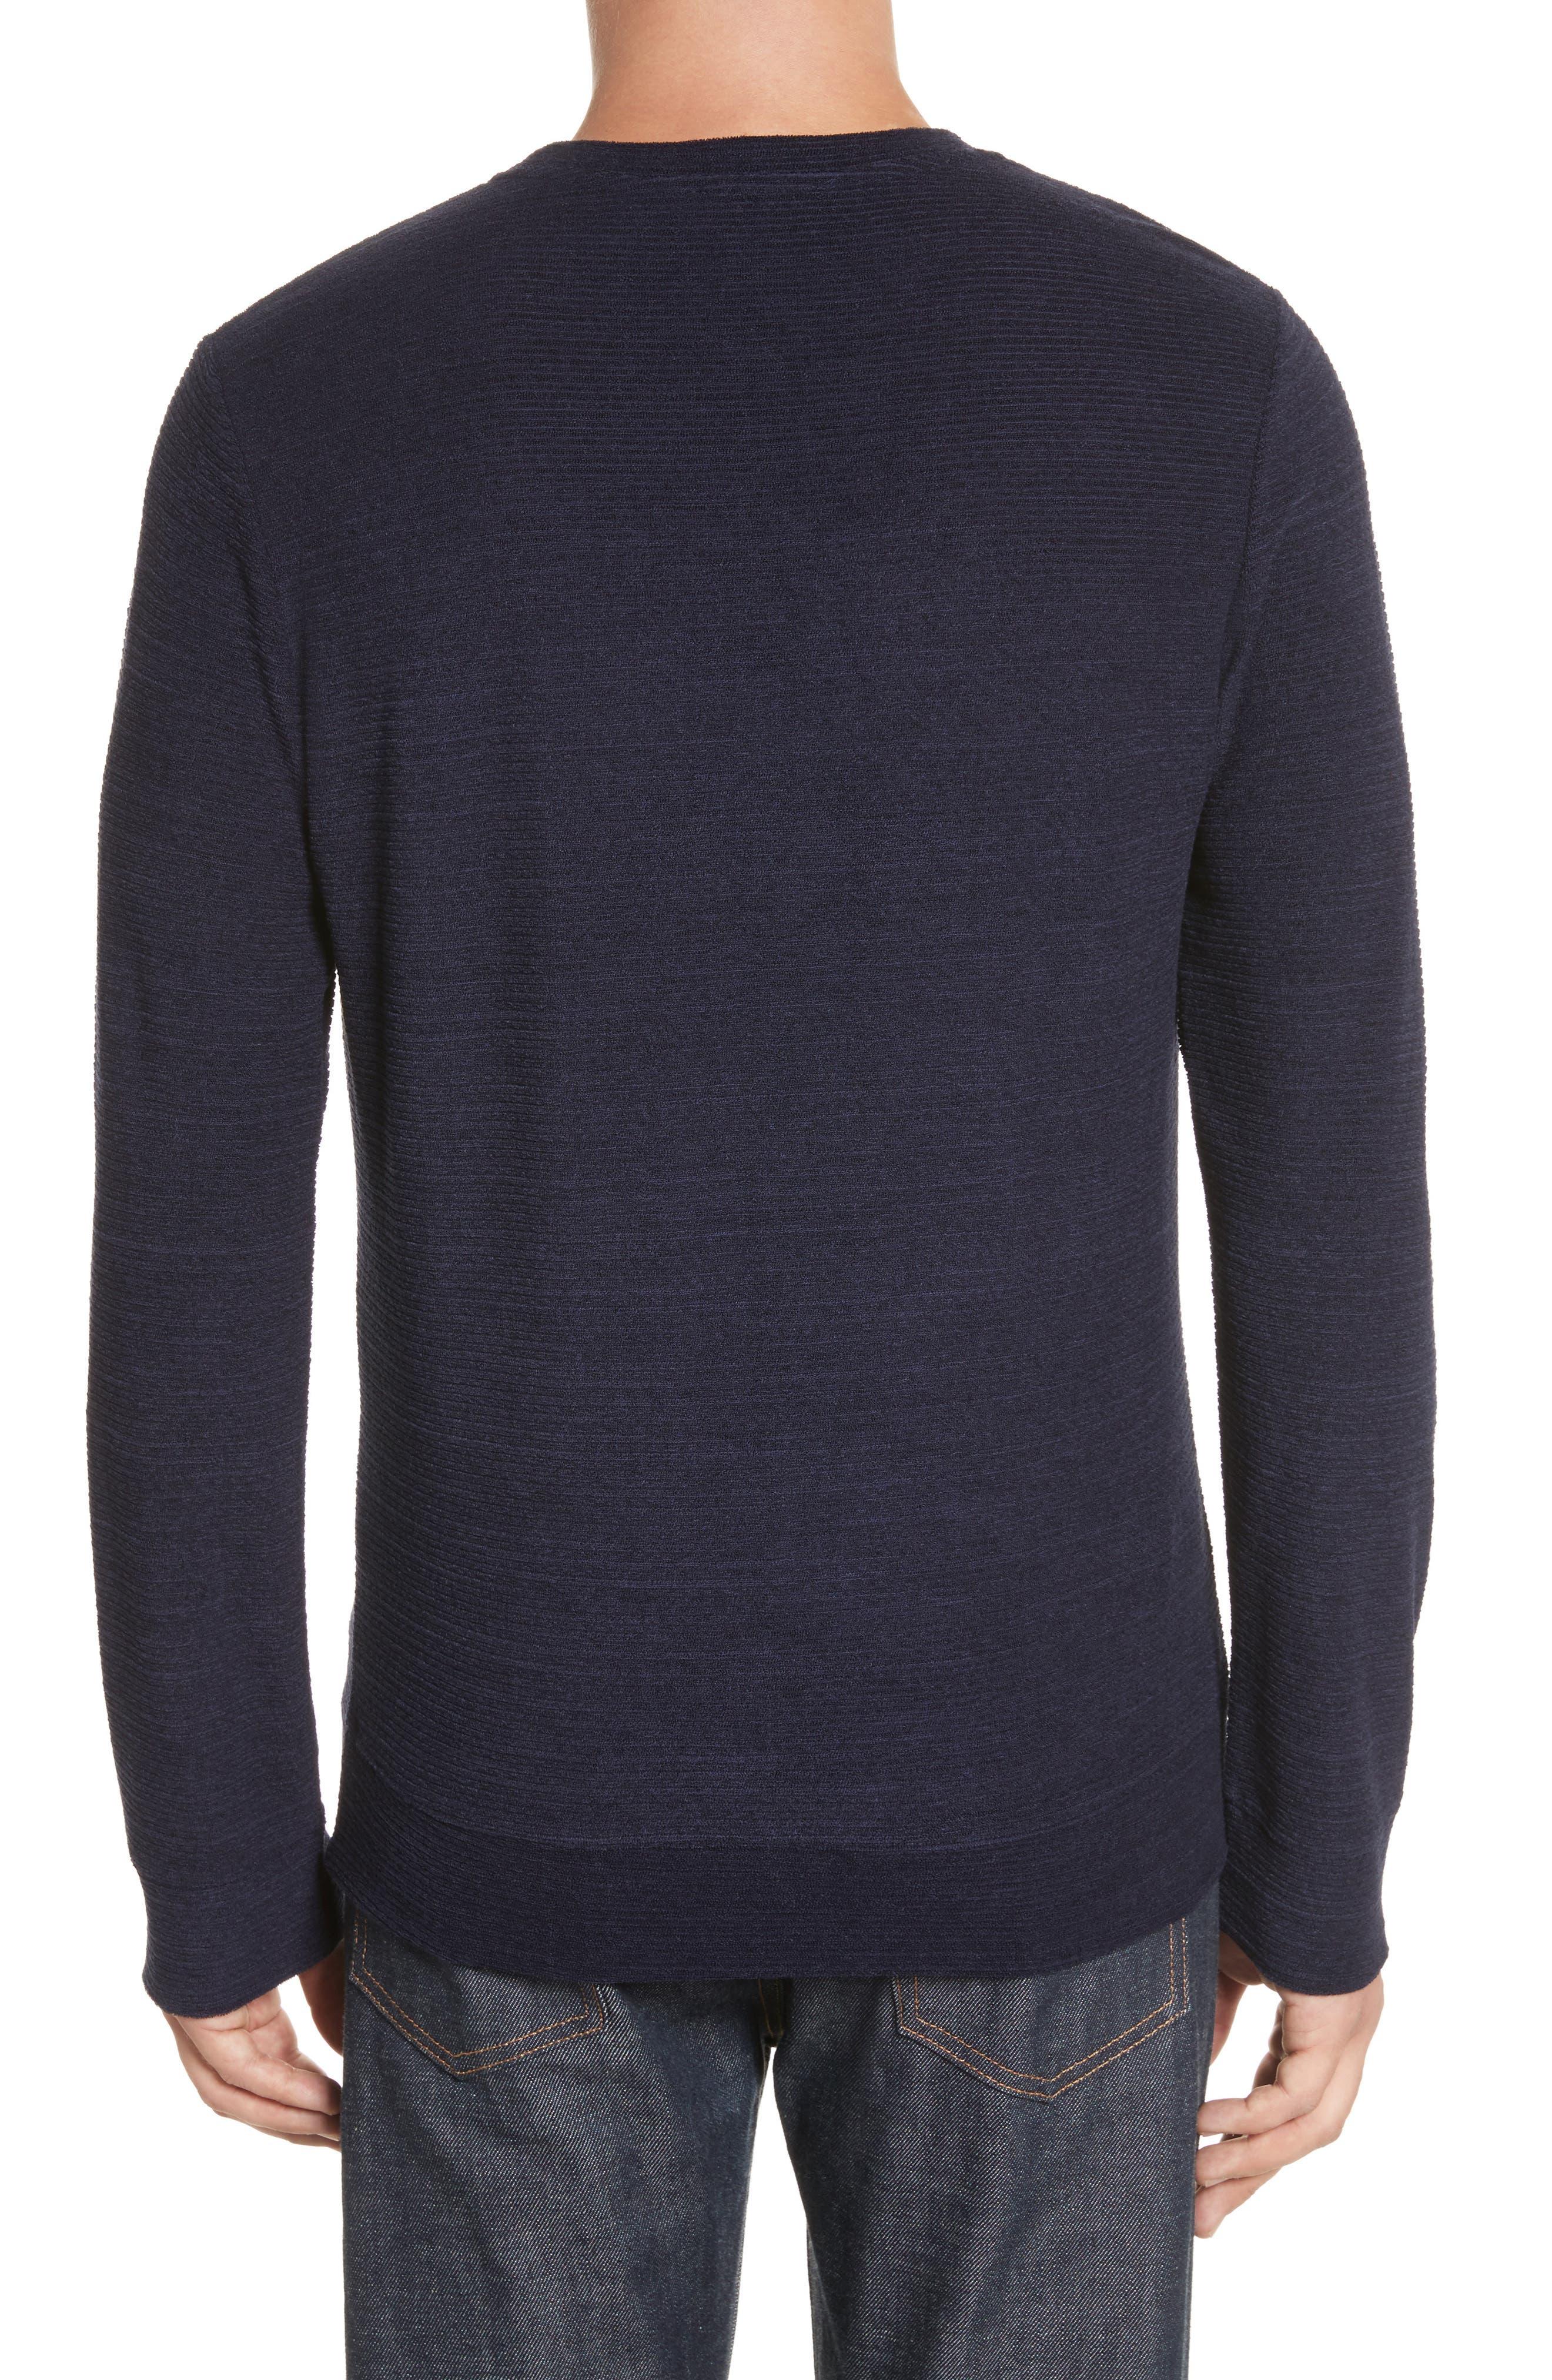 Alternate Image 2  - A.P.C. Jeremie Crewneck Sweater